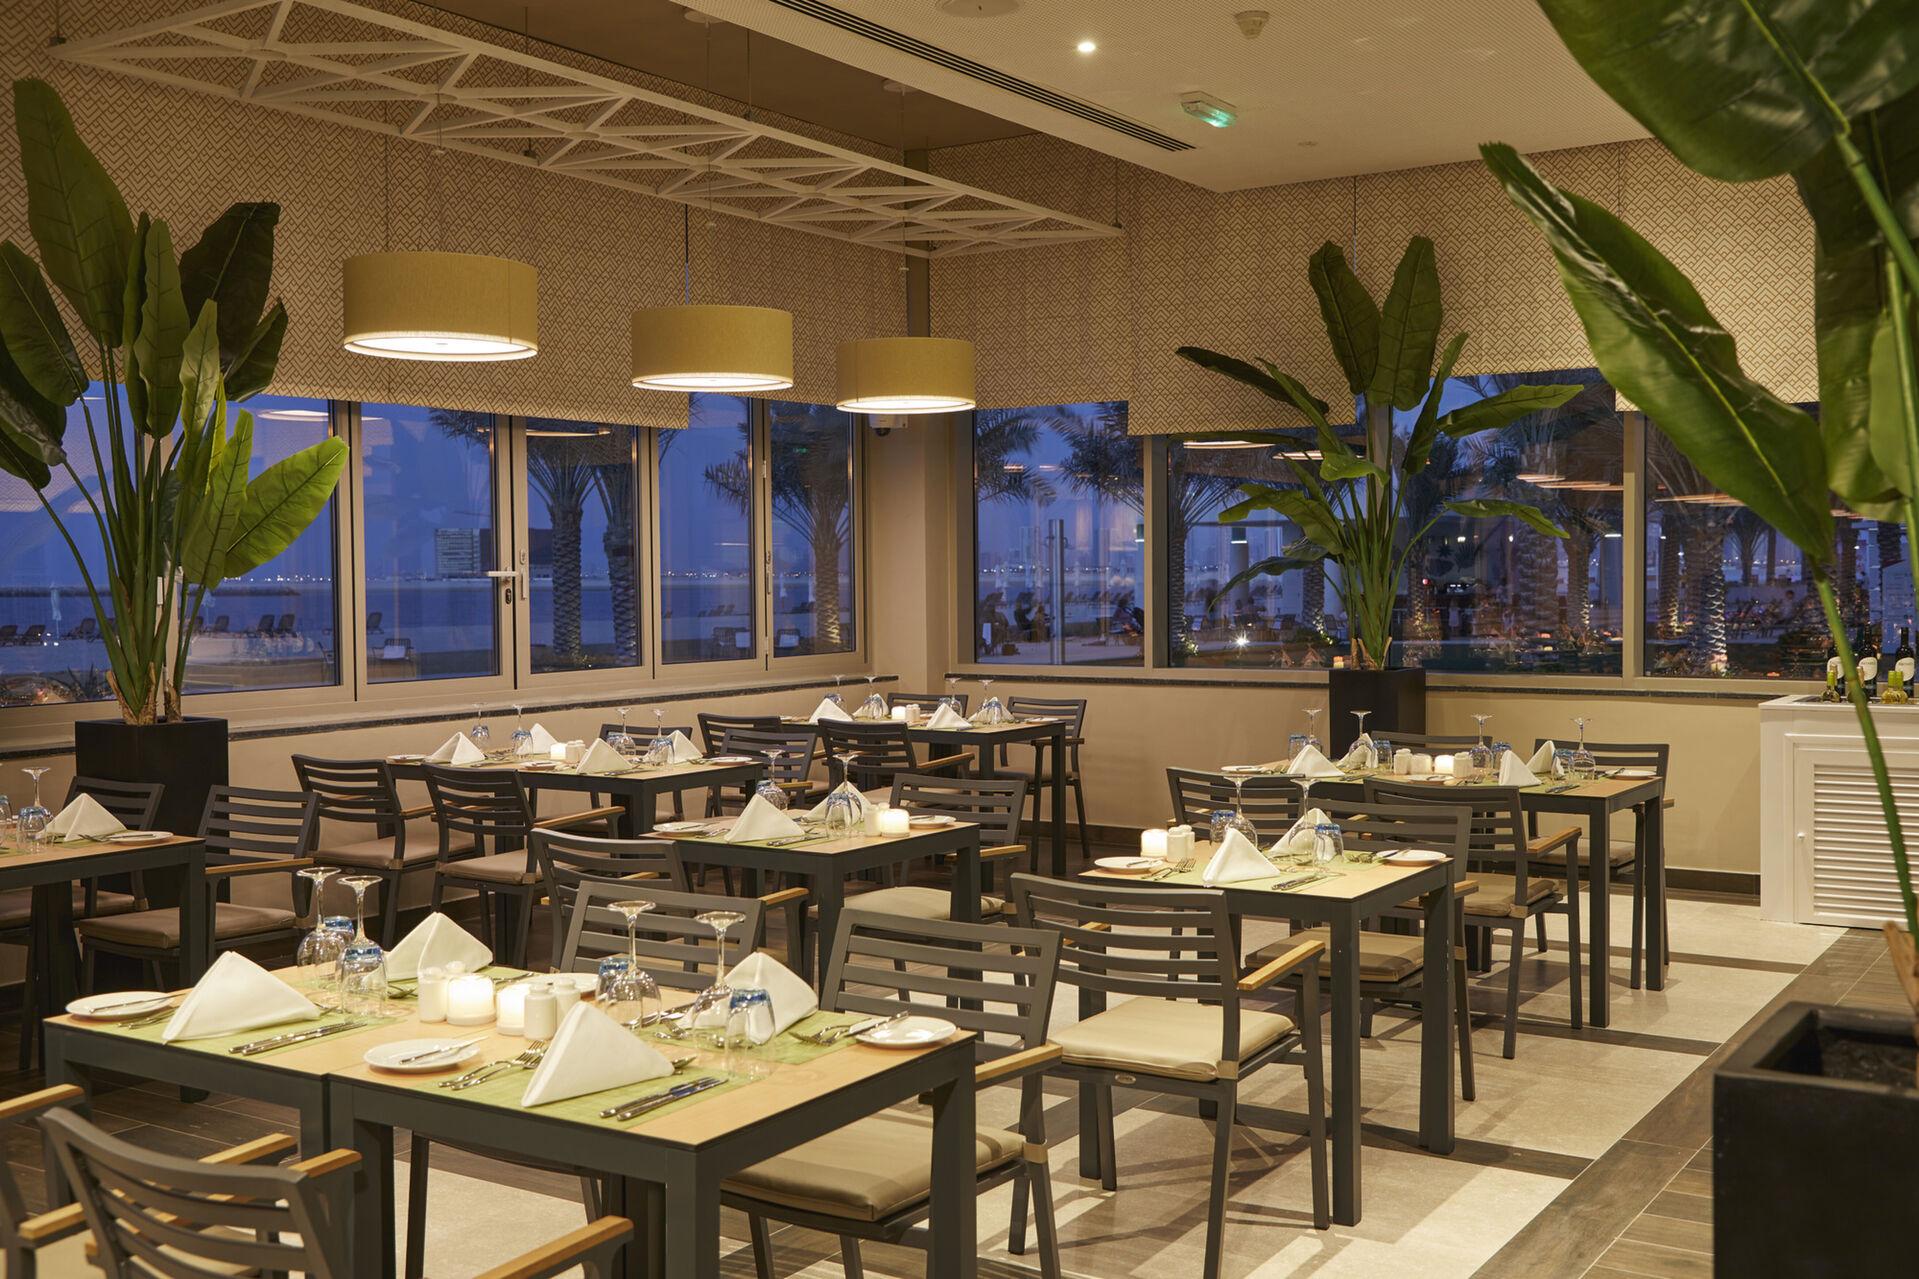 https://cms.satur.sk/data/imgs/tour_image/orig/dub_20_145-lebanese-restaurant-1939889.jpg